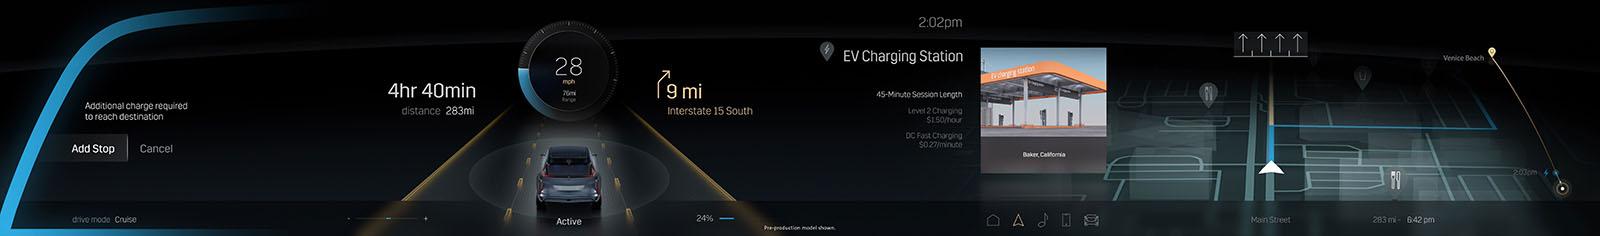 Cadillac Lyriq 33-inch screen